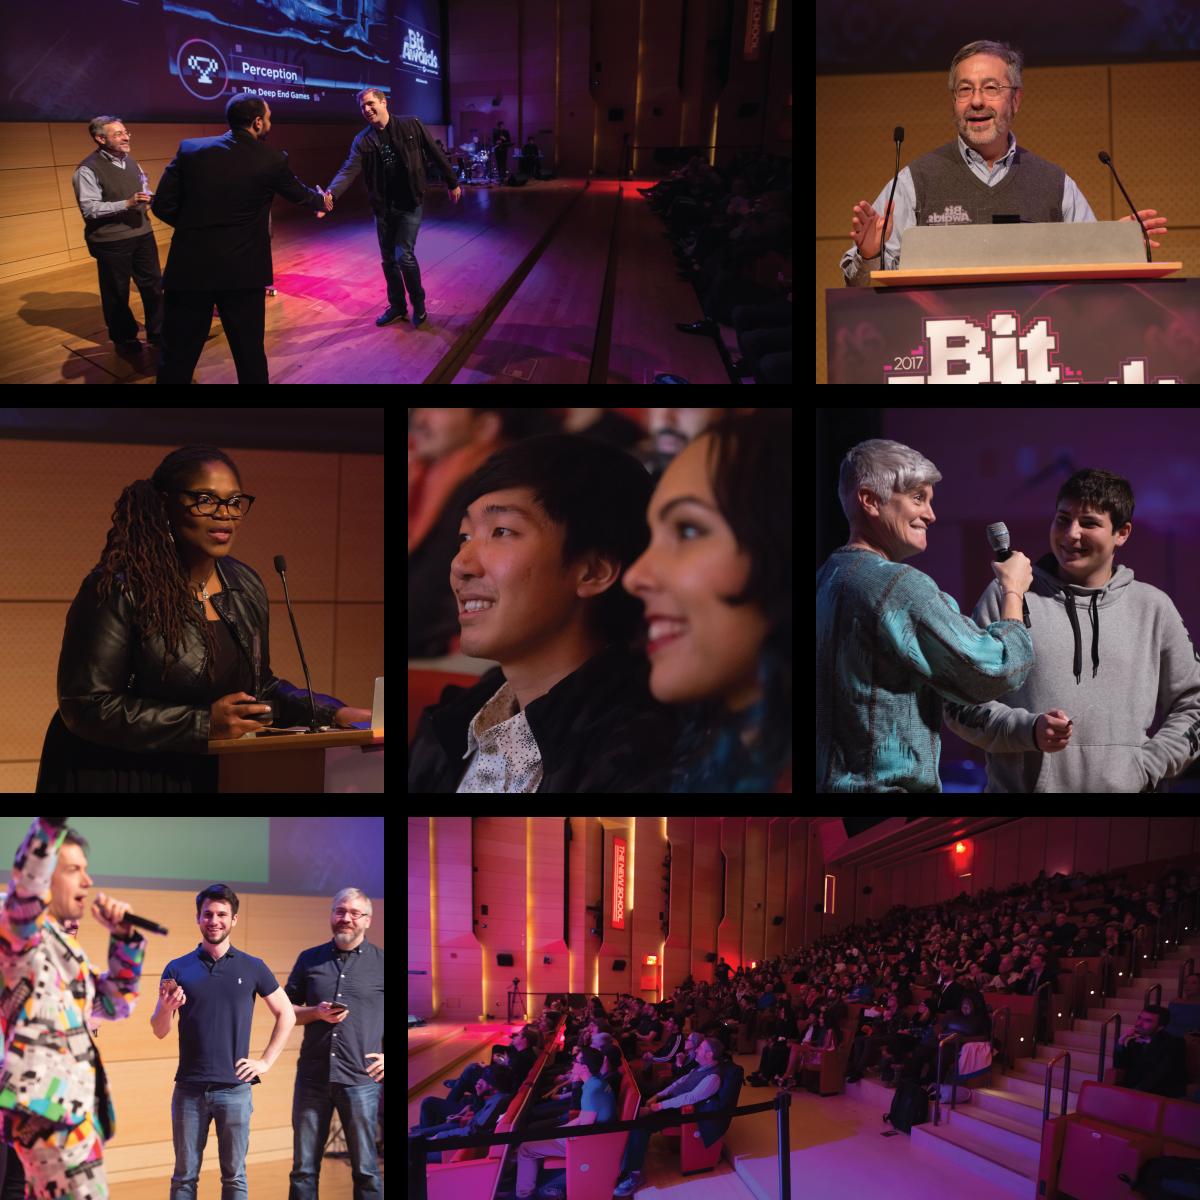 2017 bit awards photos